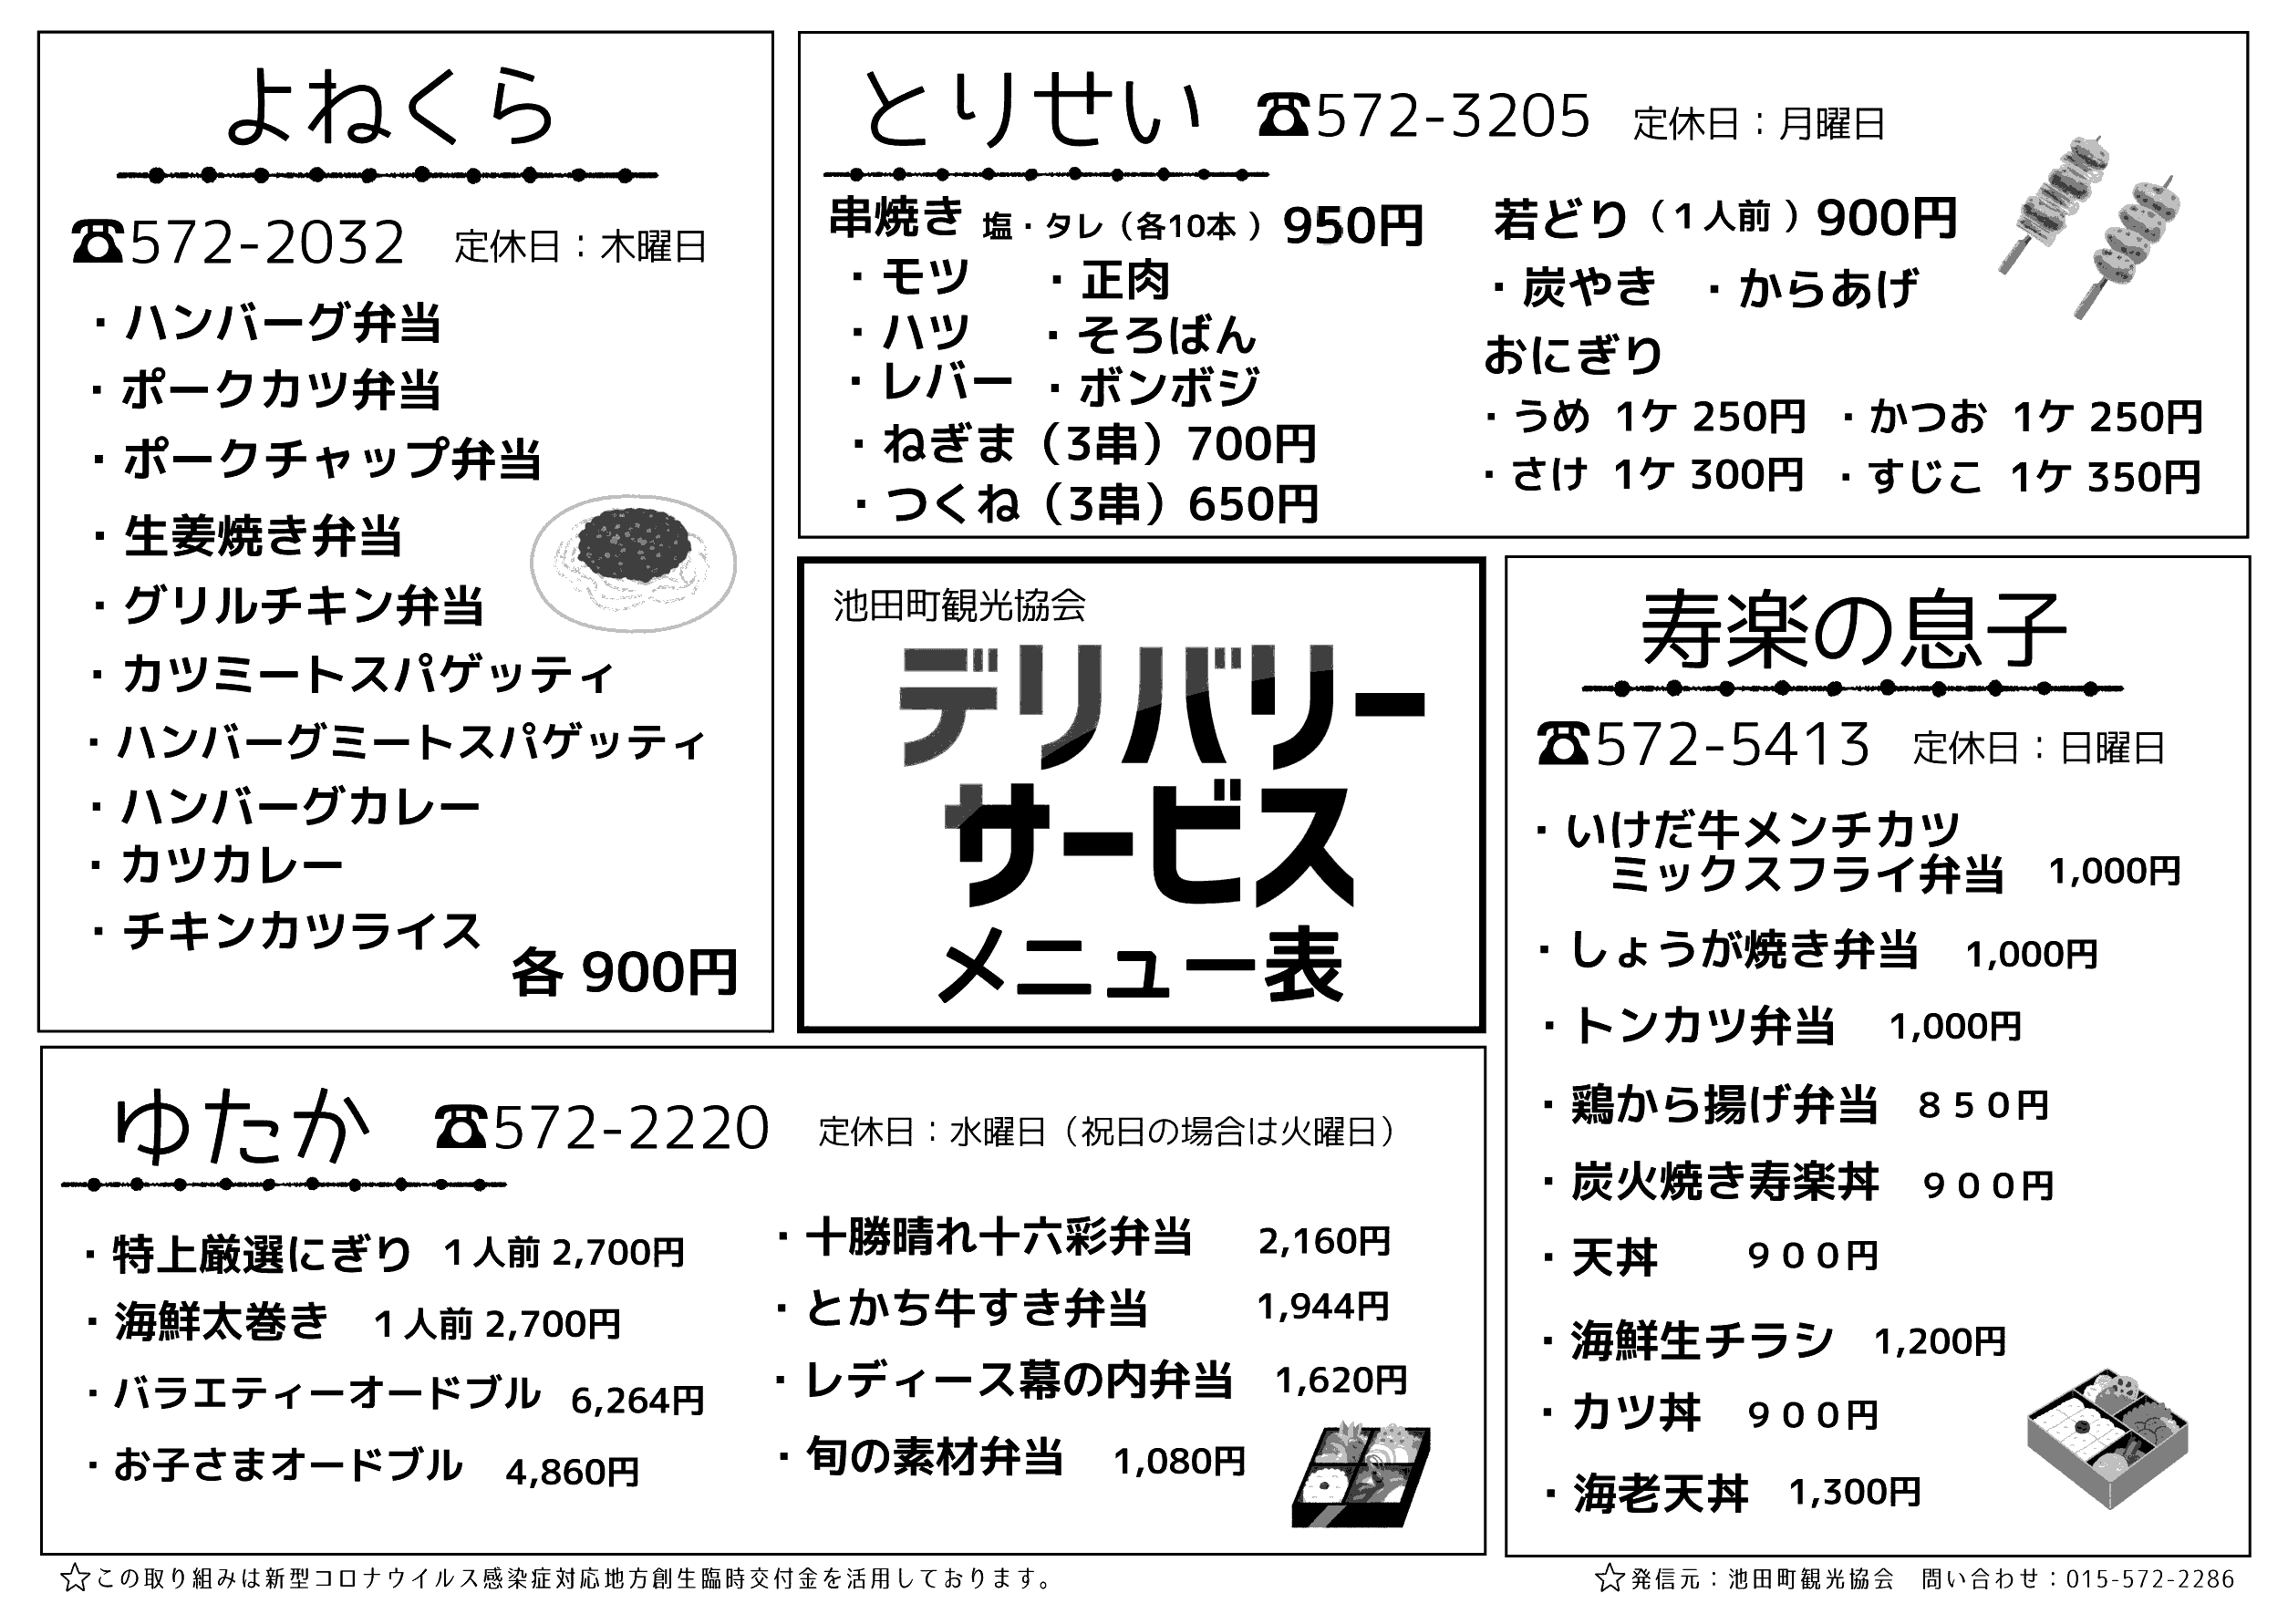 デリバリーサービスメニュー表表